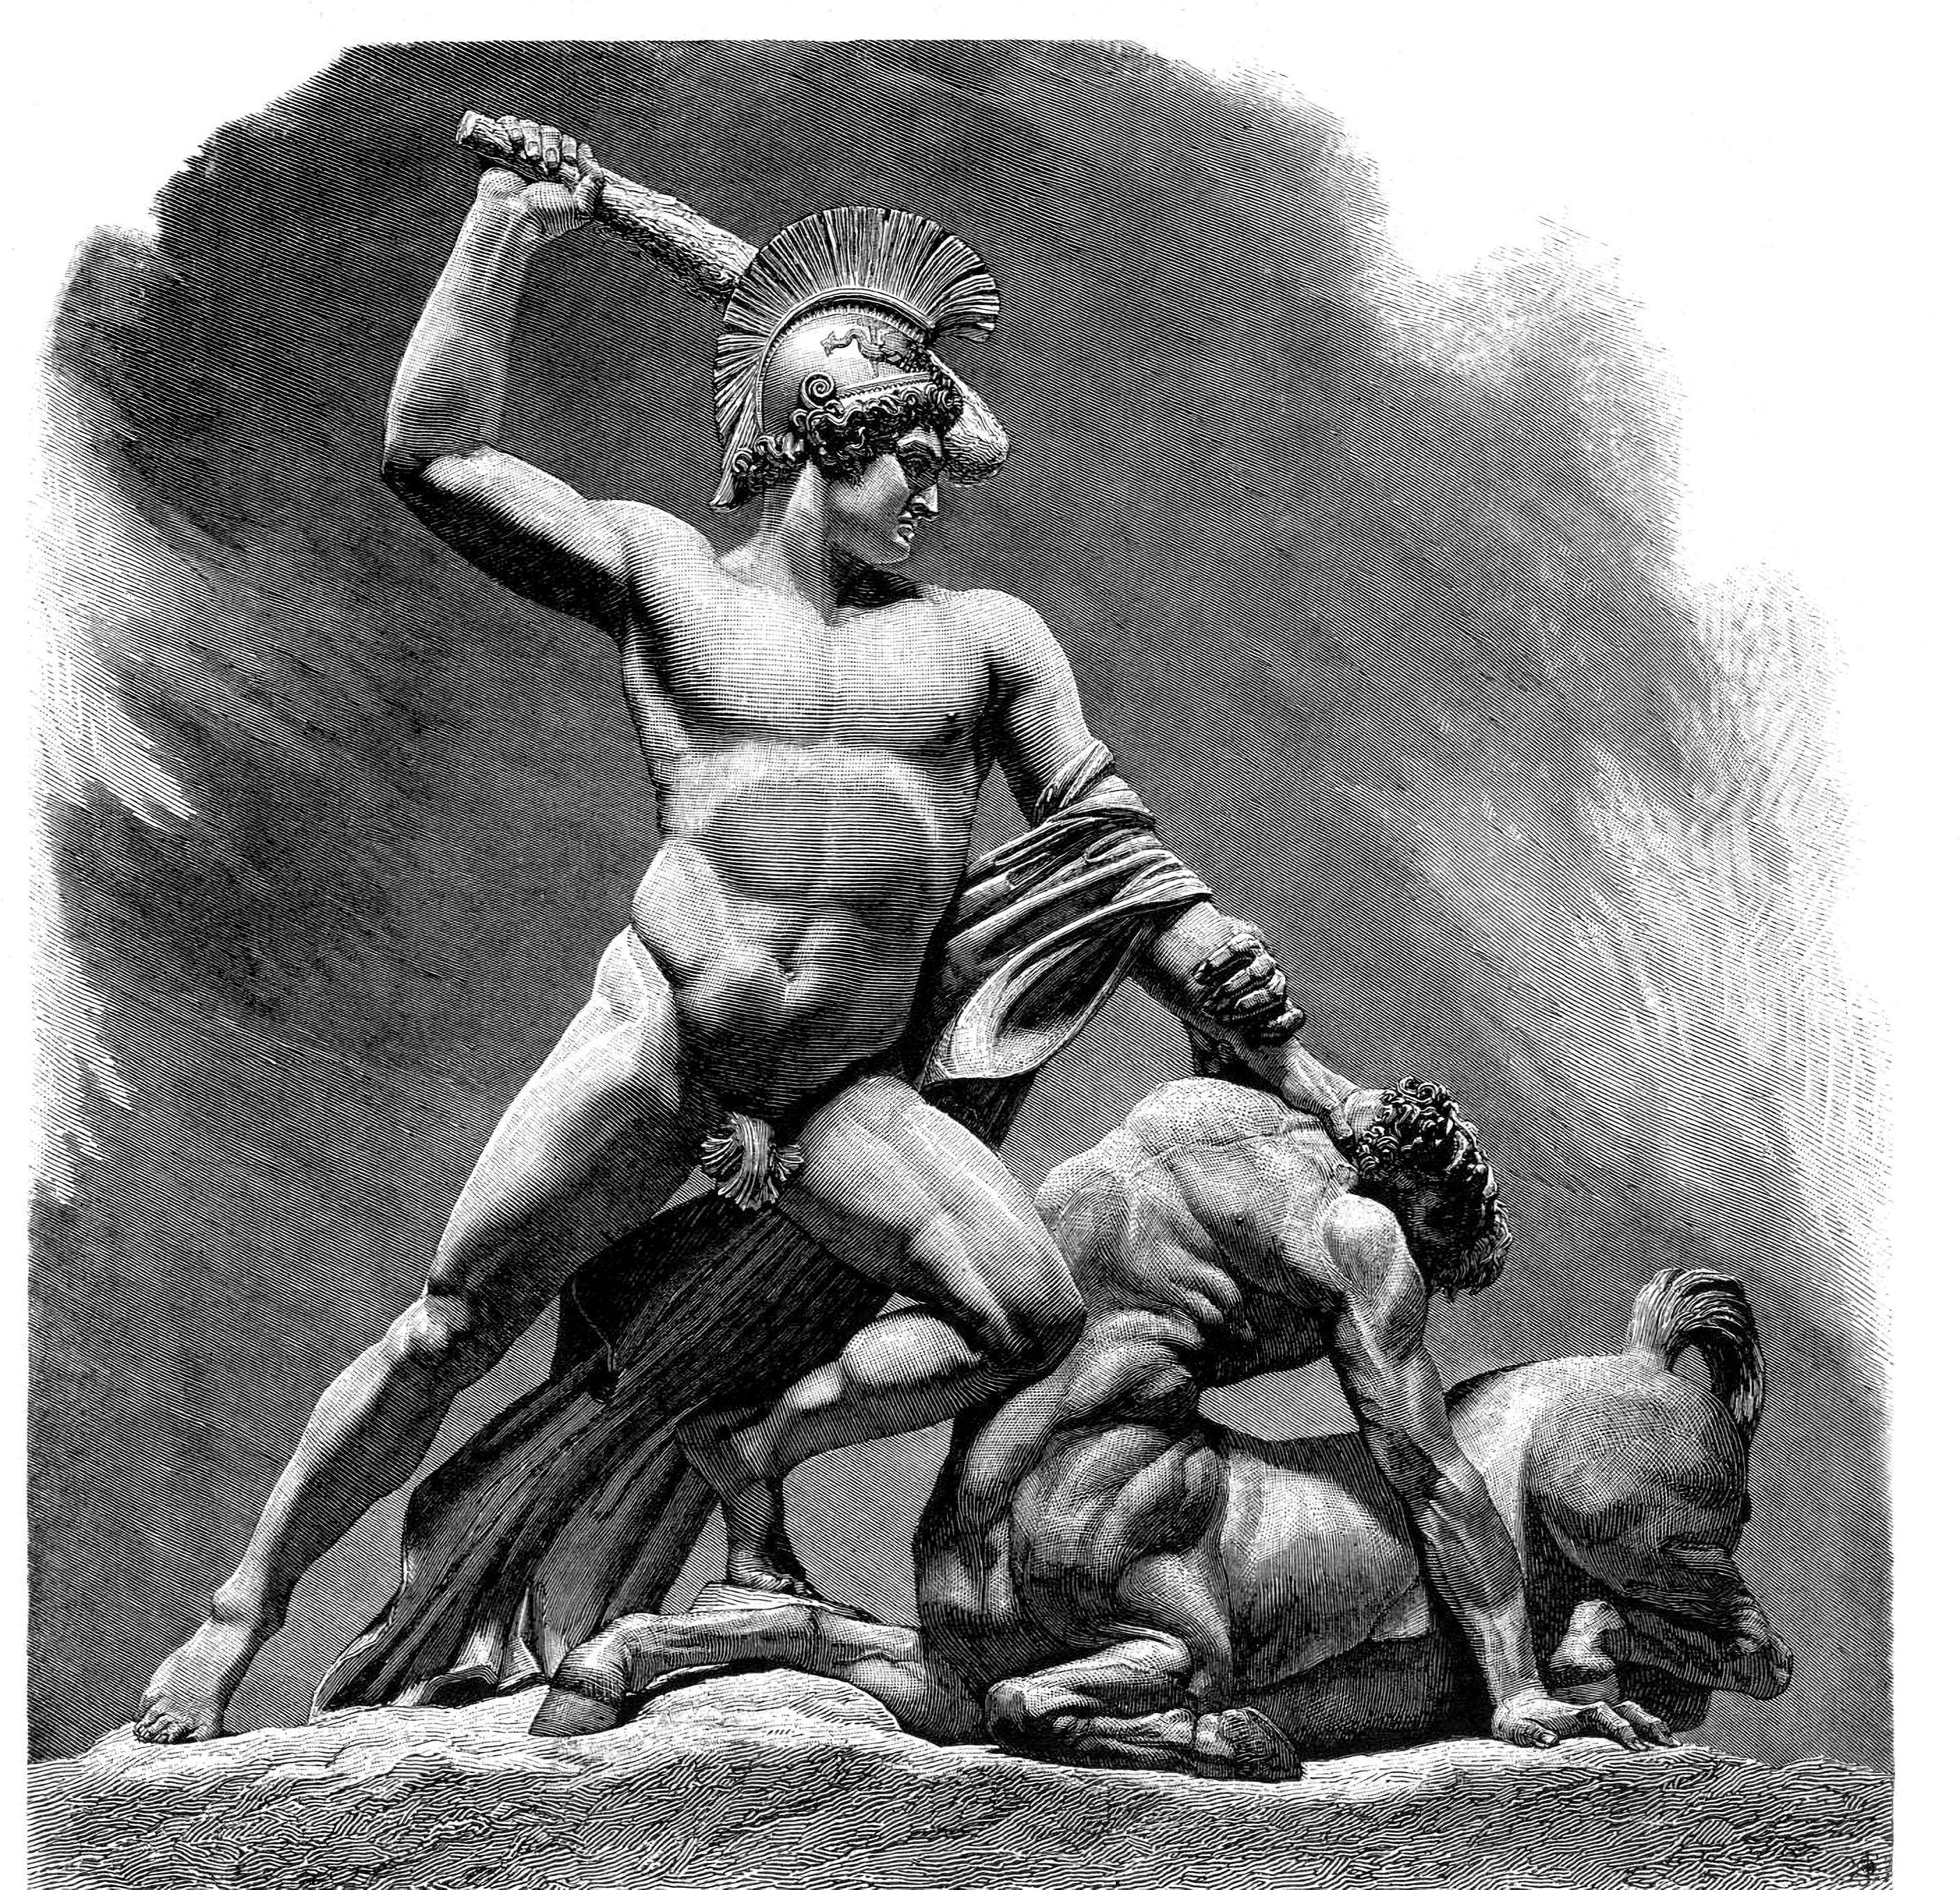 Theseus defeats the centaur.